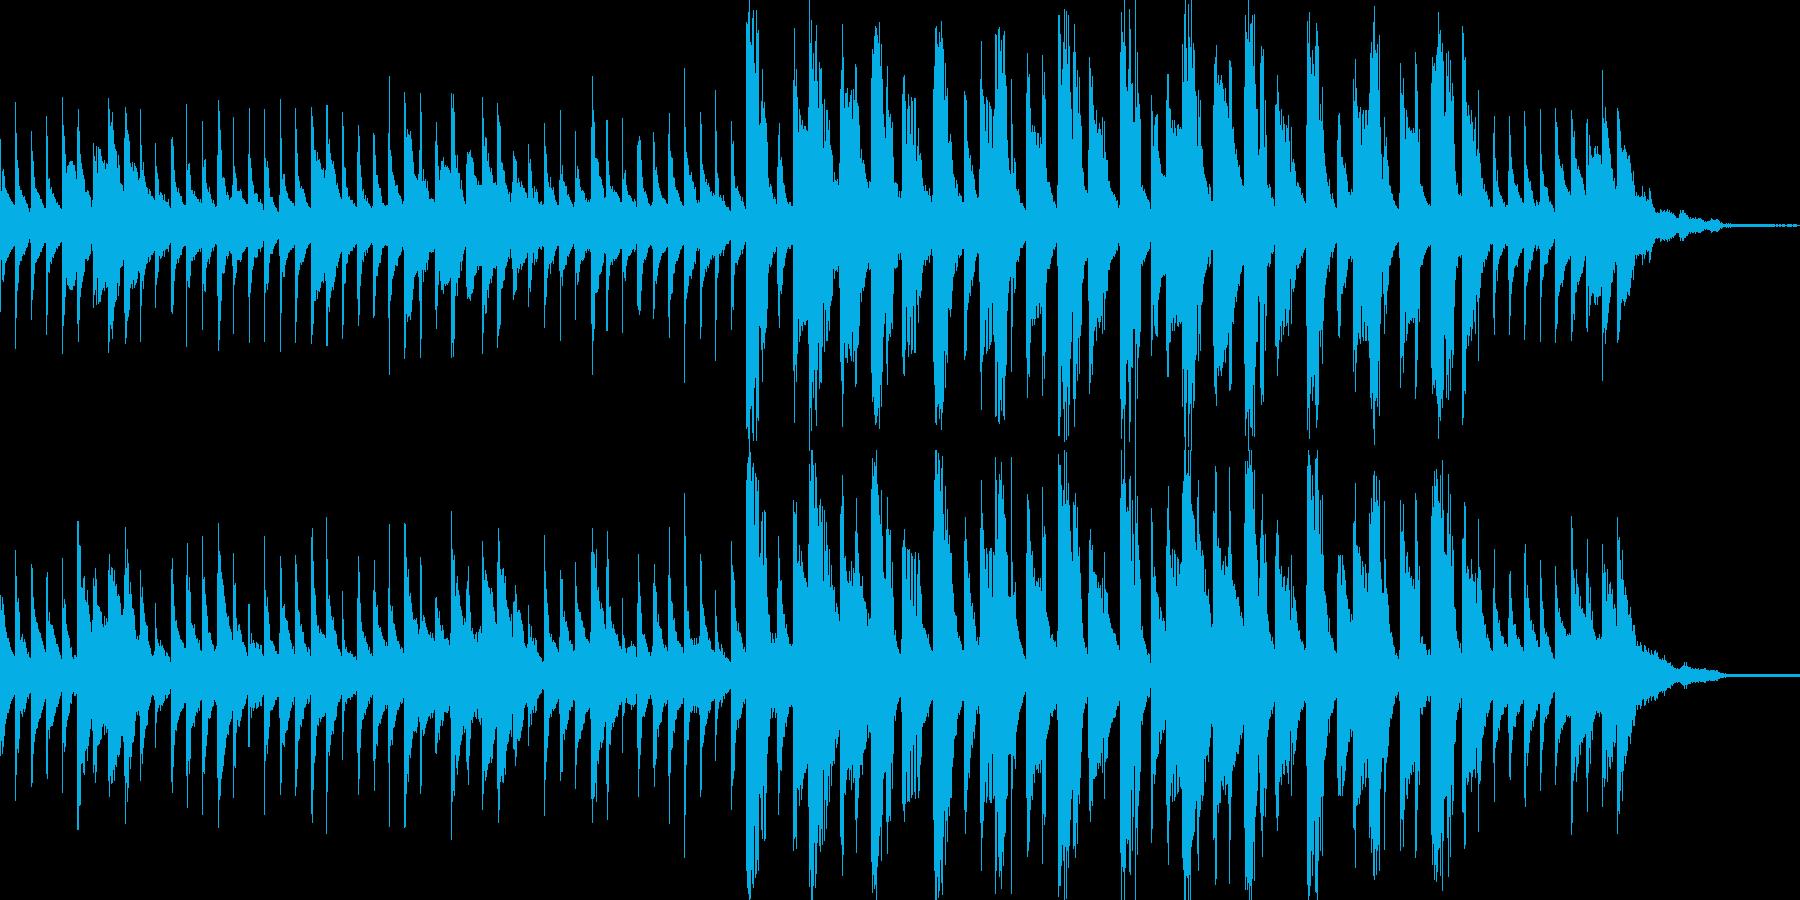 きらきらが入ったテクノポップスの再生済みの波形